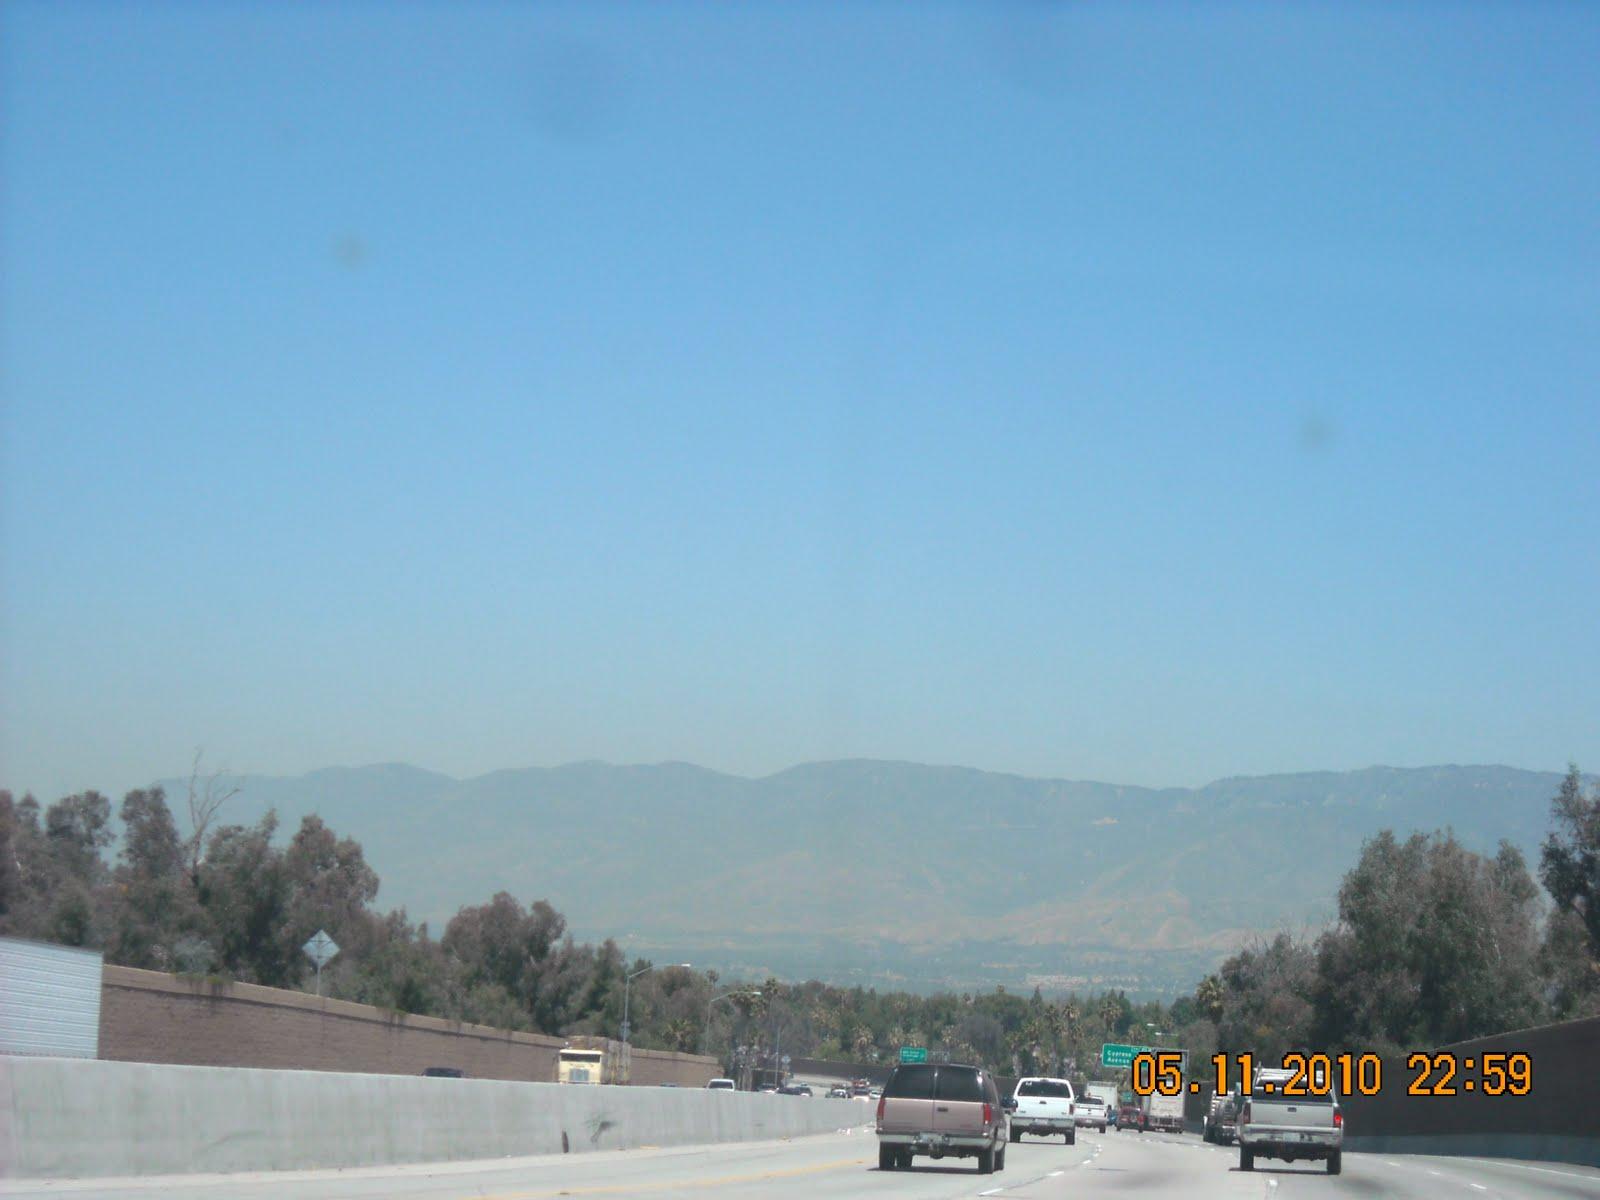 As we approach San Bernadino we drive